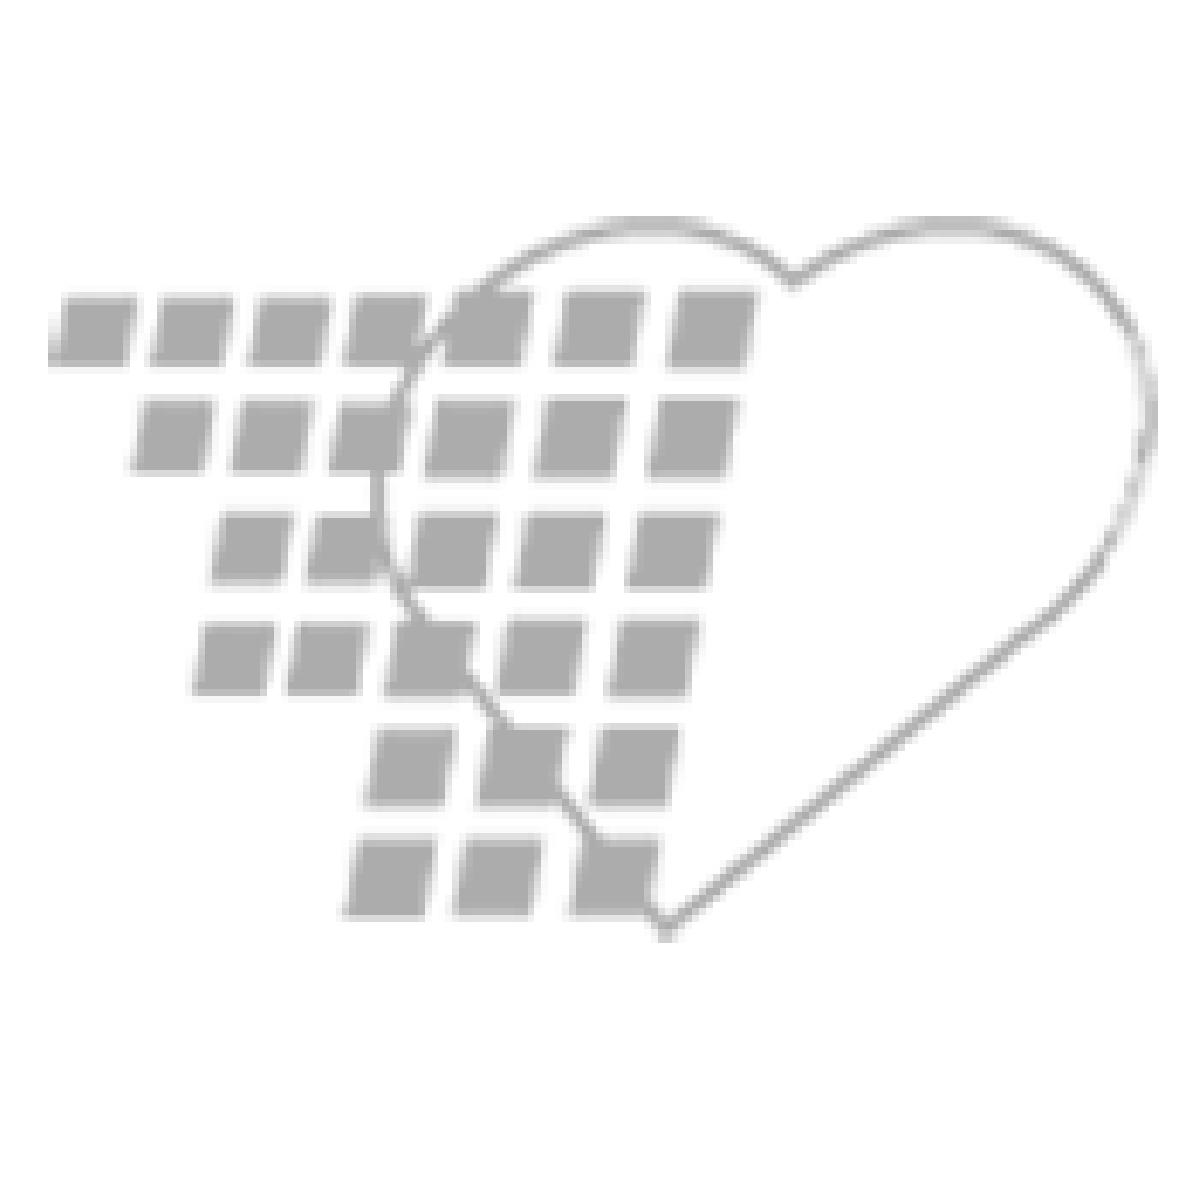 12-26-7294 - Catheter Clamp